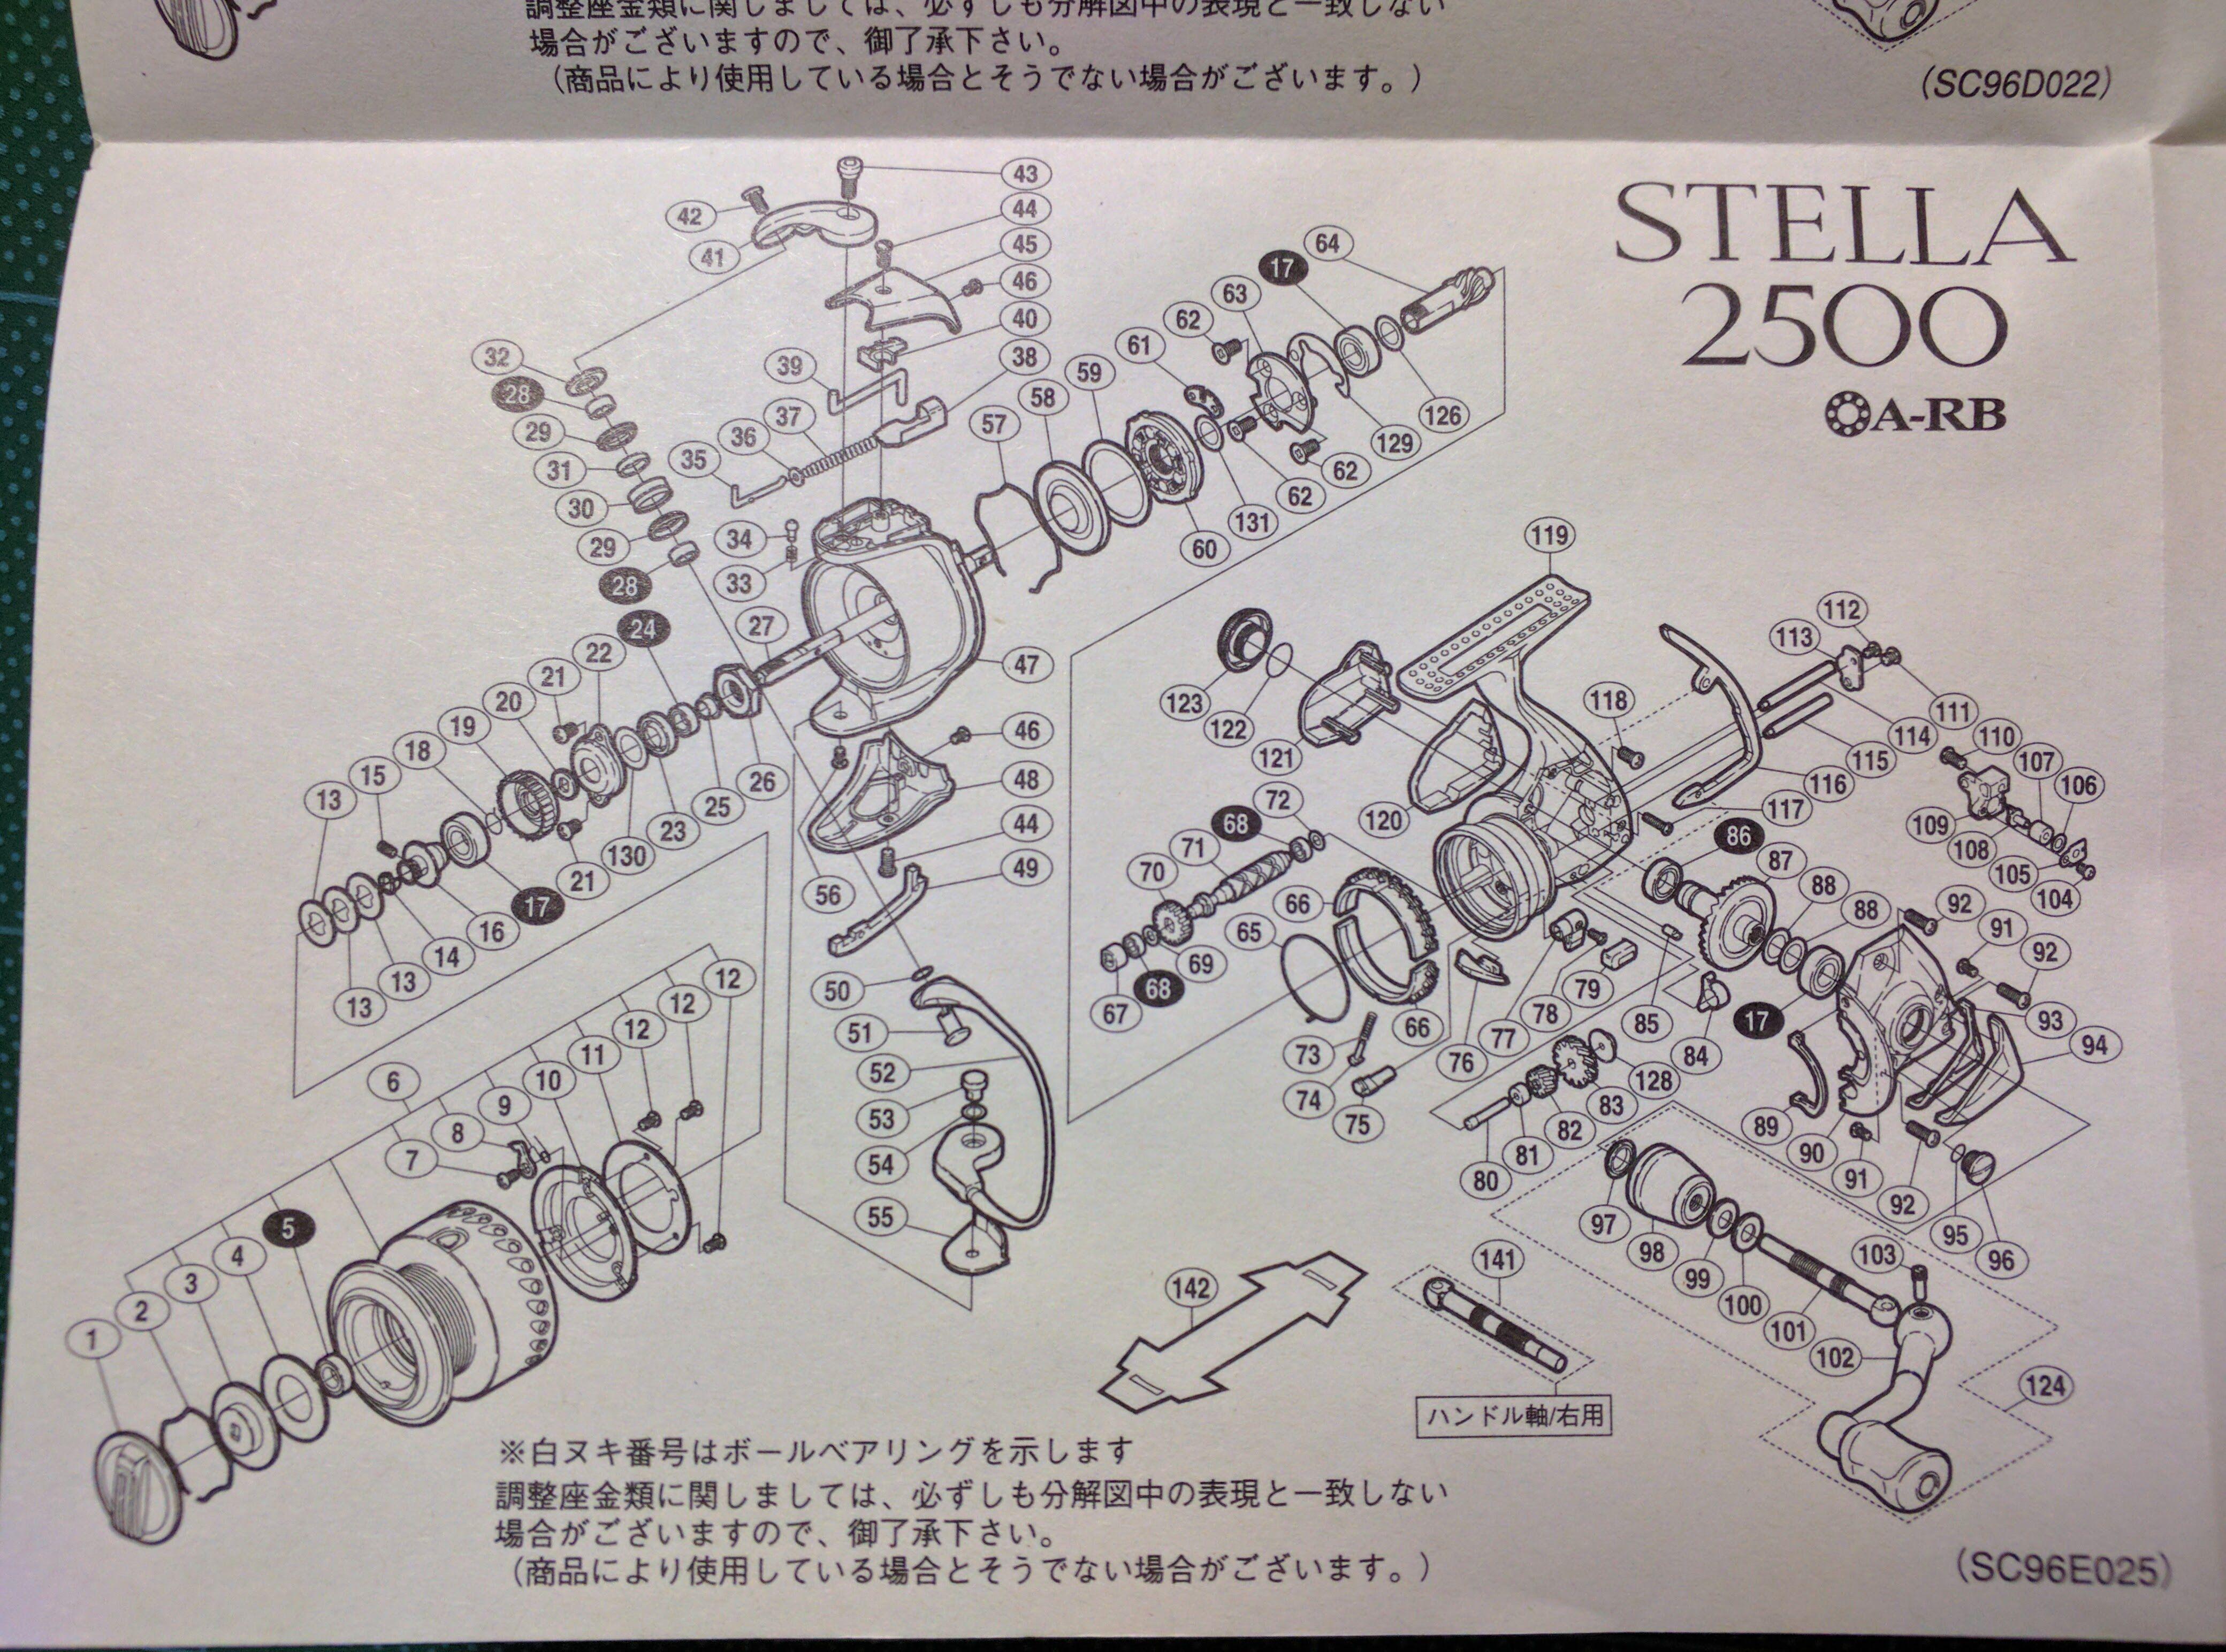 shimano-04stella-2500-schematic (SC96E025)